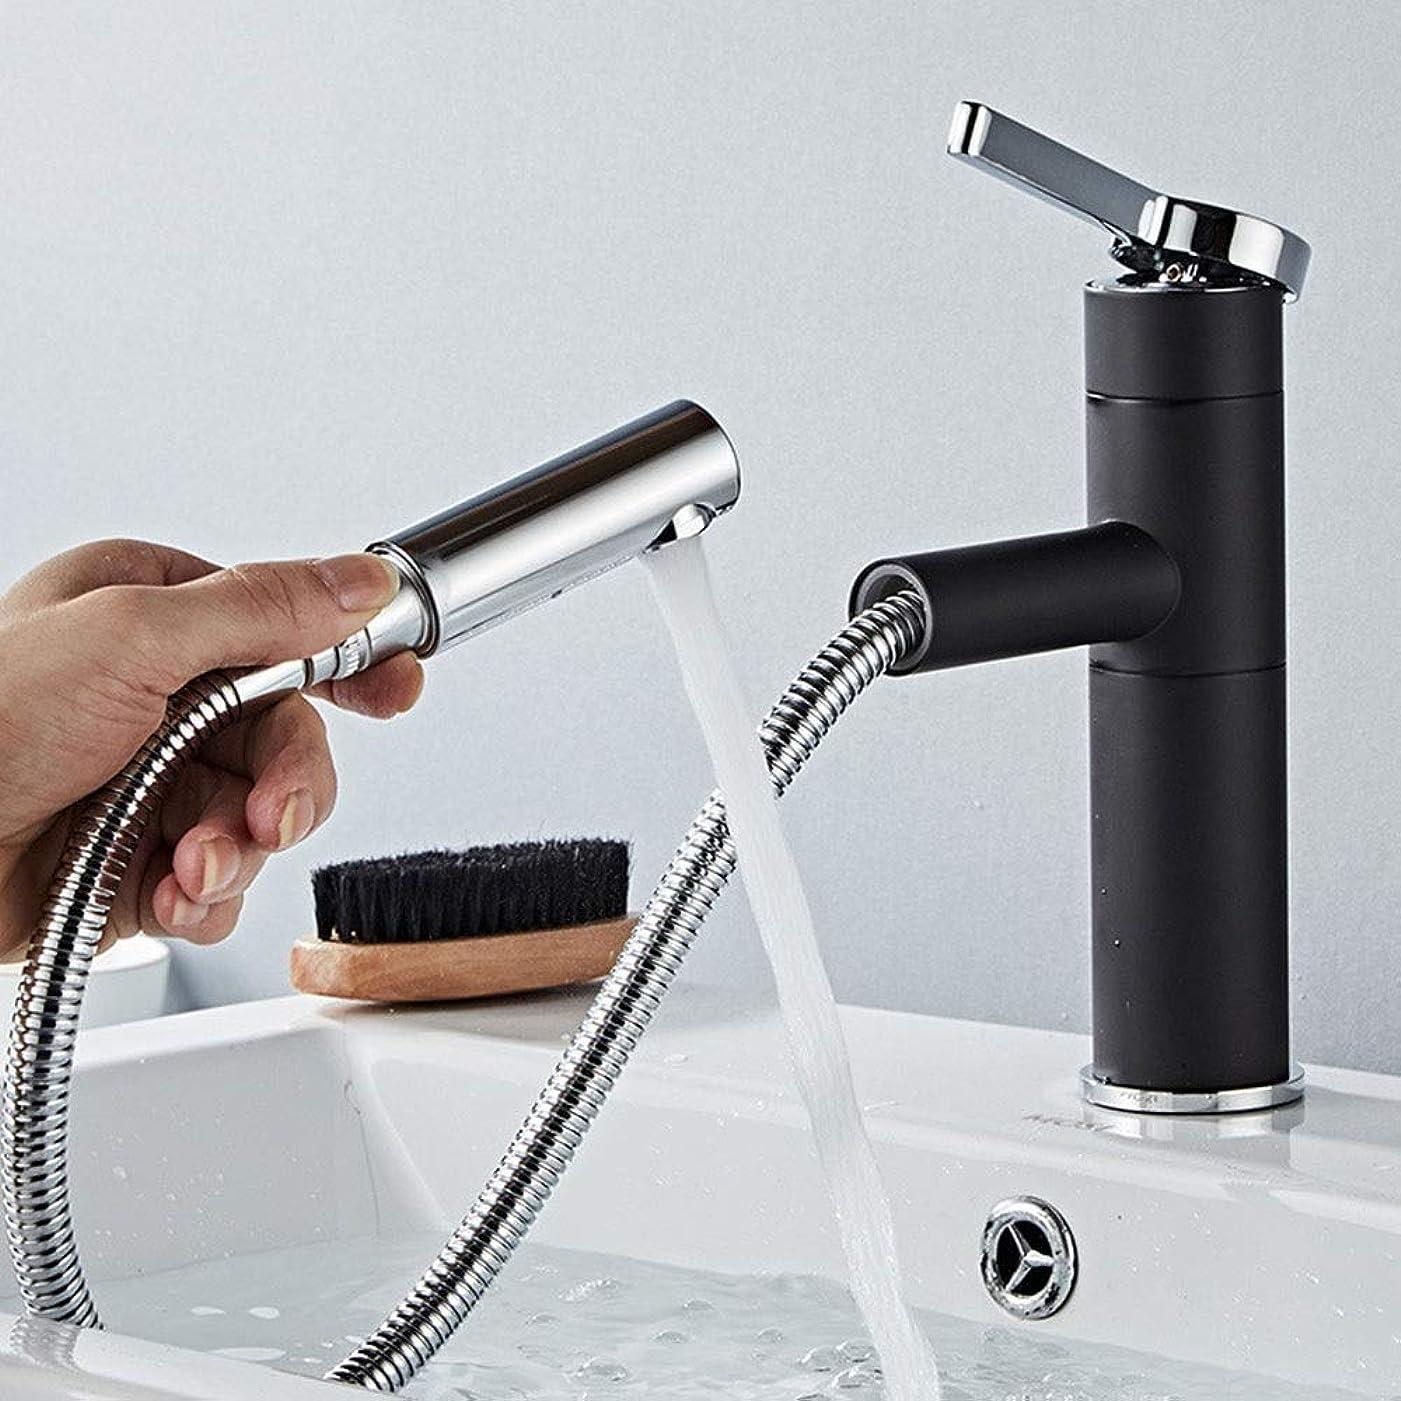 組み合わせるアナロジー有名なキッチン用水栓 キッチン蛇口 洗面台蛇口 単一のハンドル1つの穴360°の回転ドレインのポップアップ浴室の排水栓が付いている広範囲の浴室のコック (Color : Black/silver, Size : 20cm)